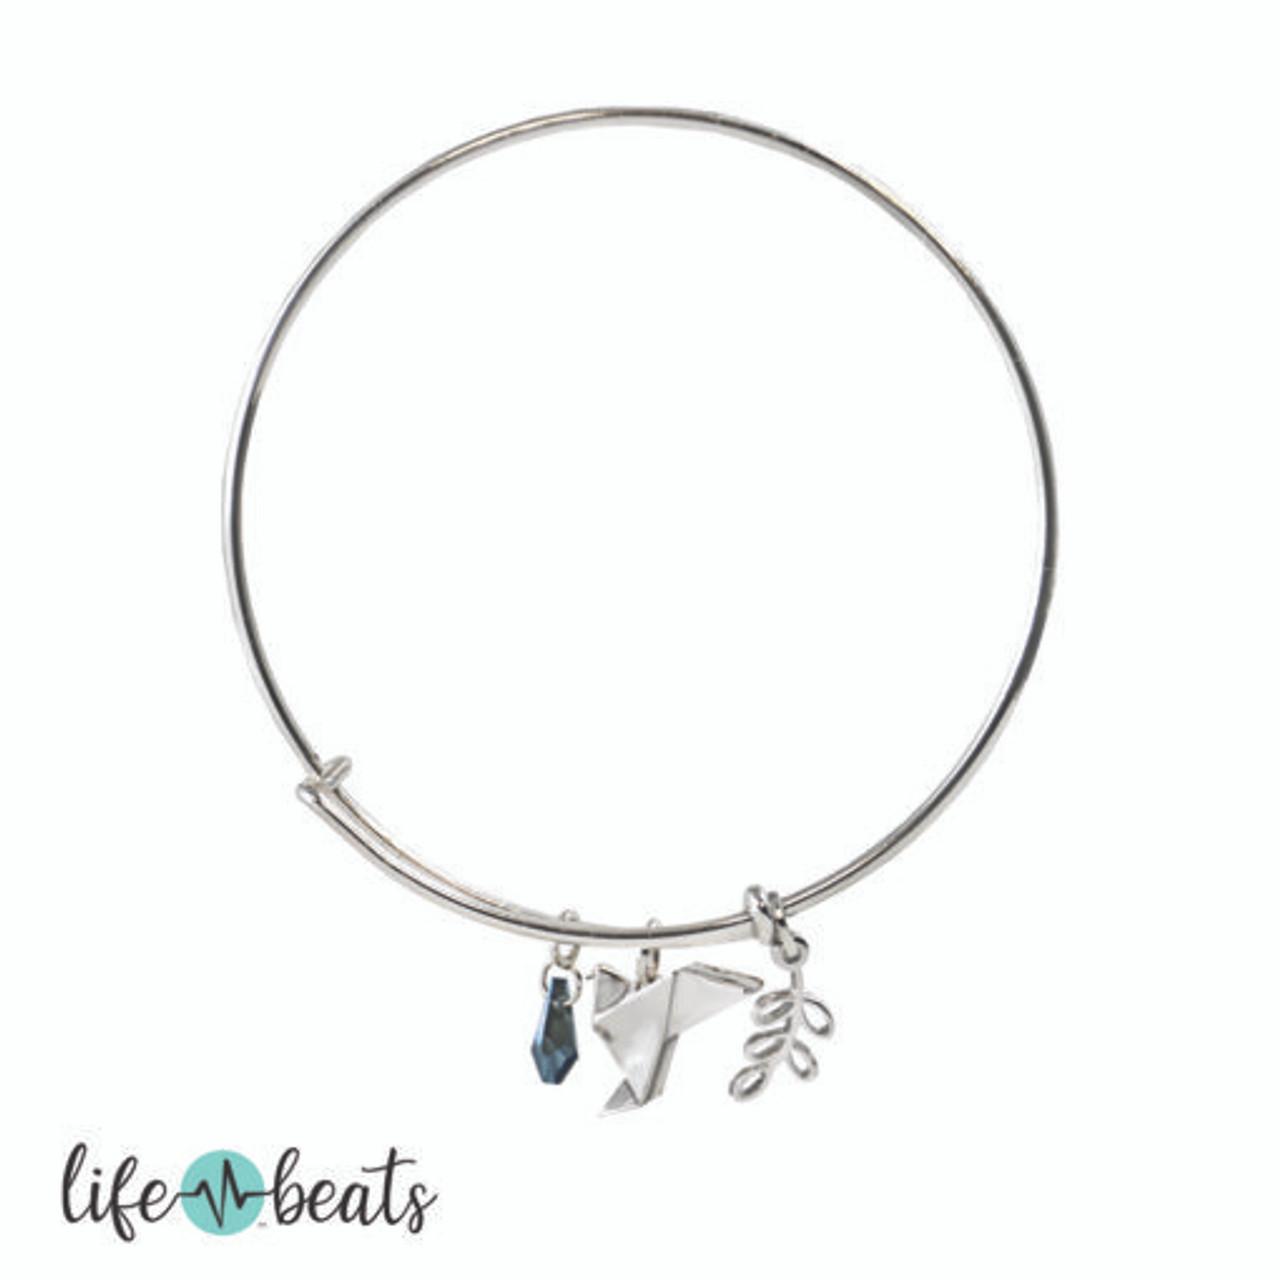 Choose Peace Bangle Bracelet